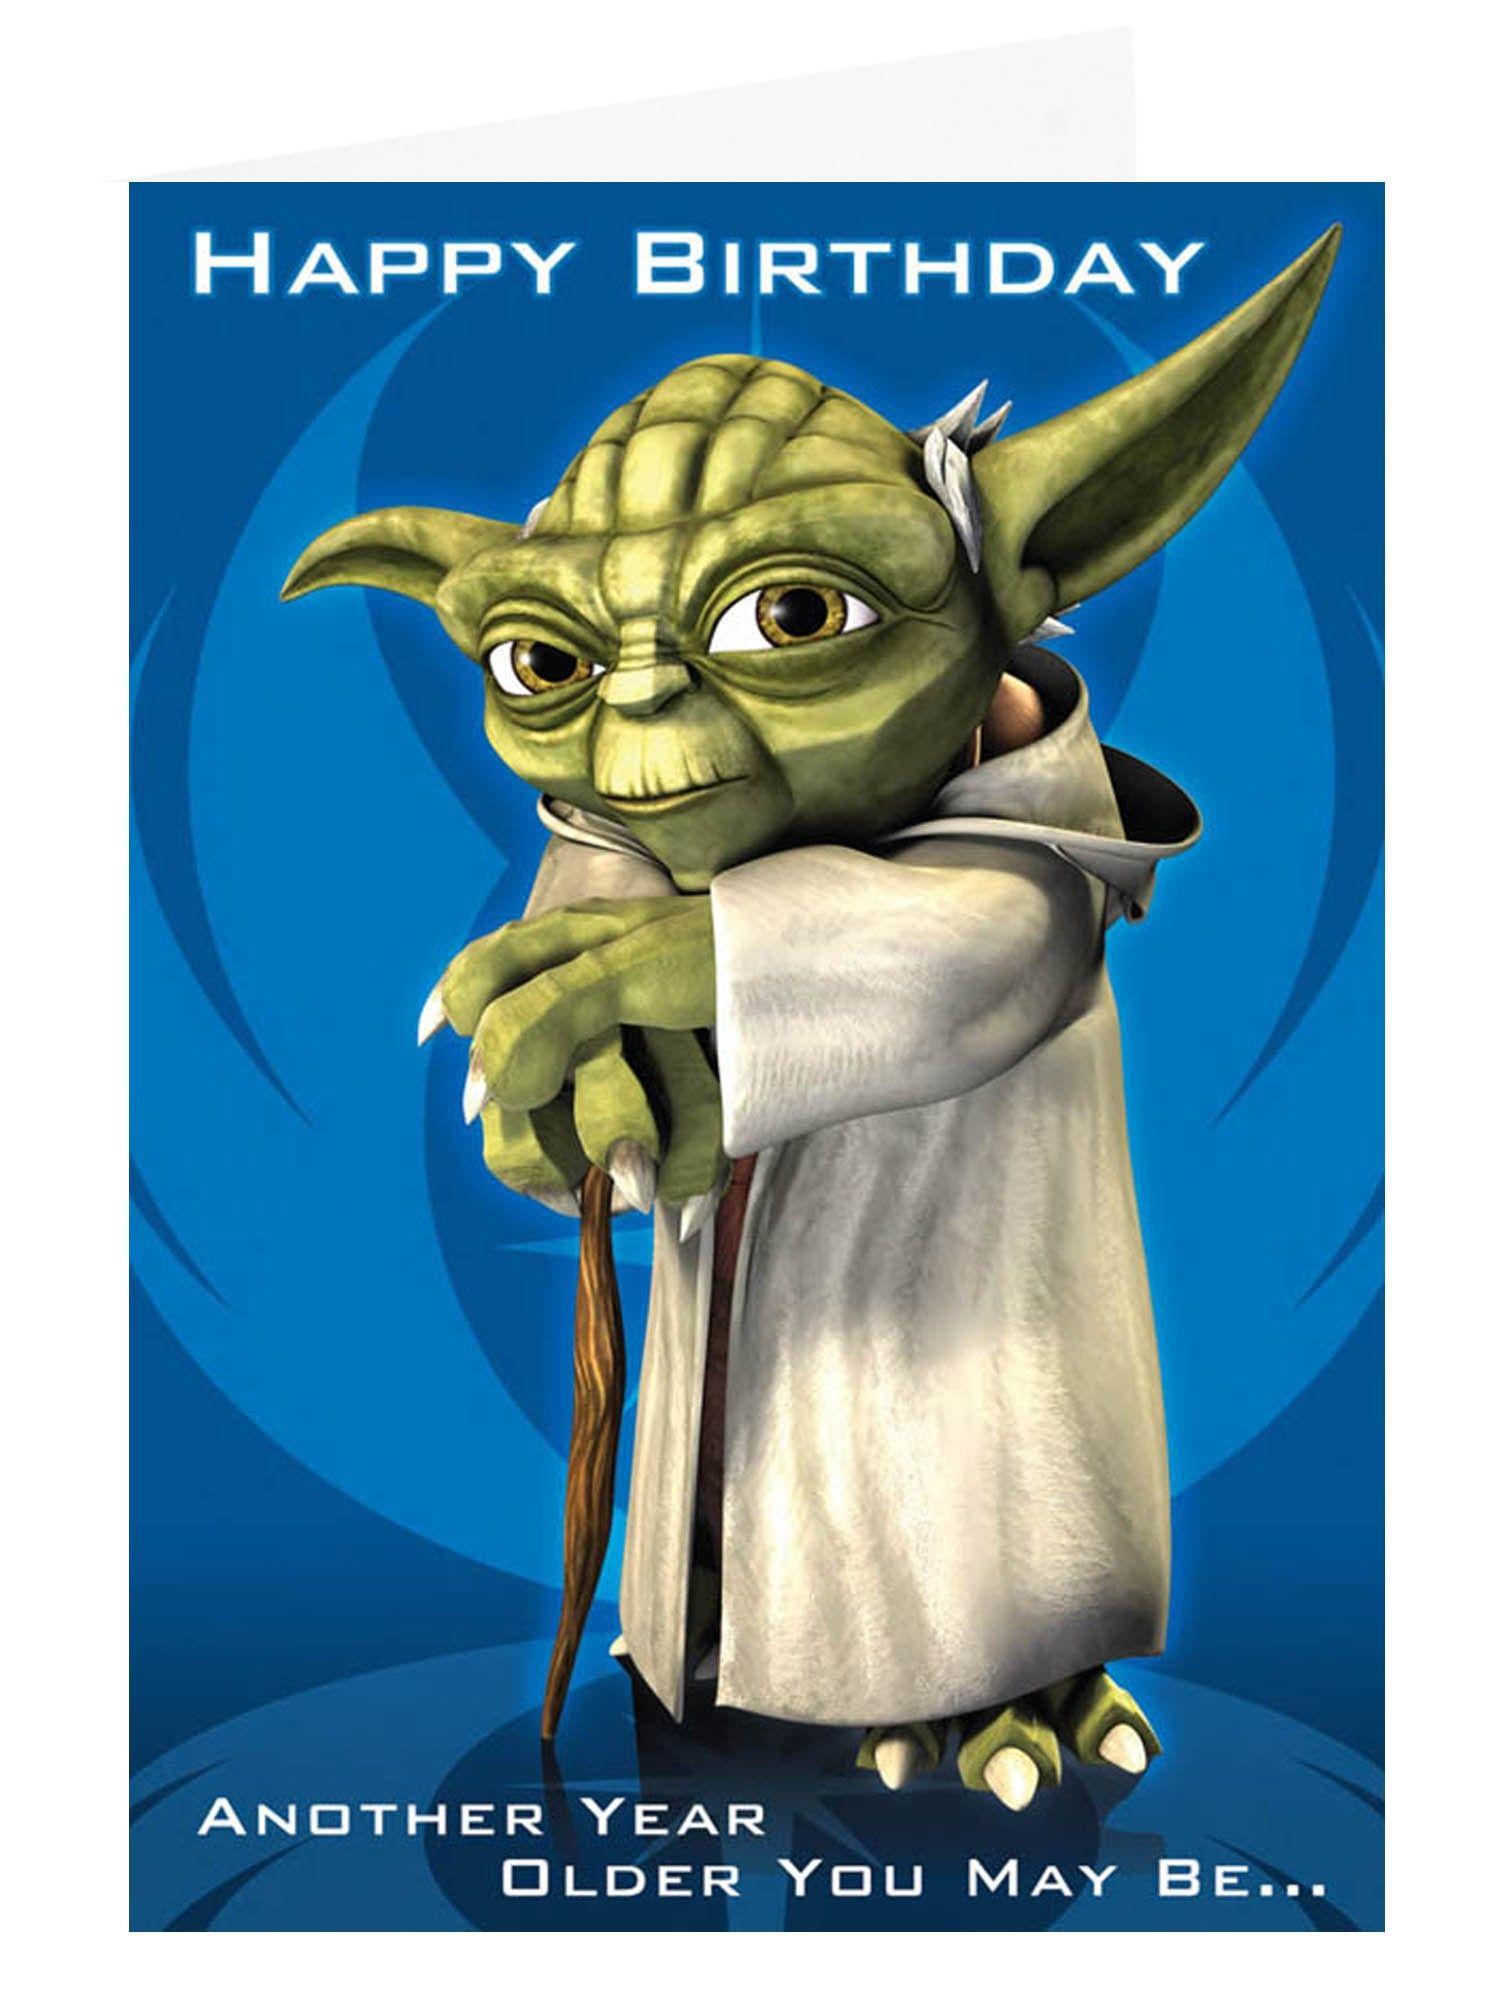 Yoda Birthday .•*°☾.•*°☆ Birthday images for men, Star